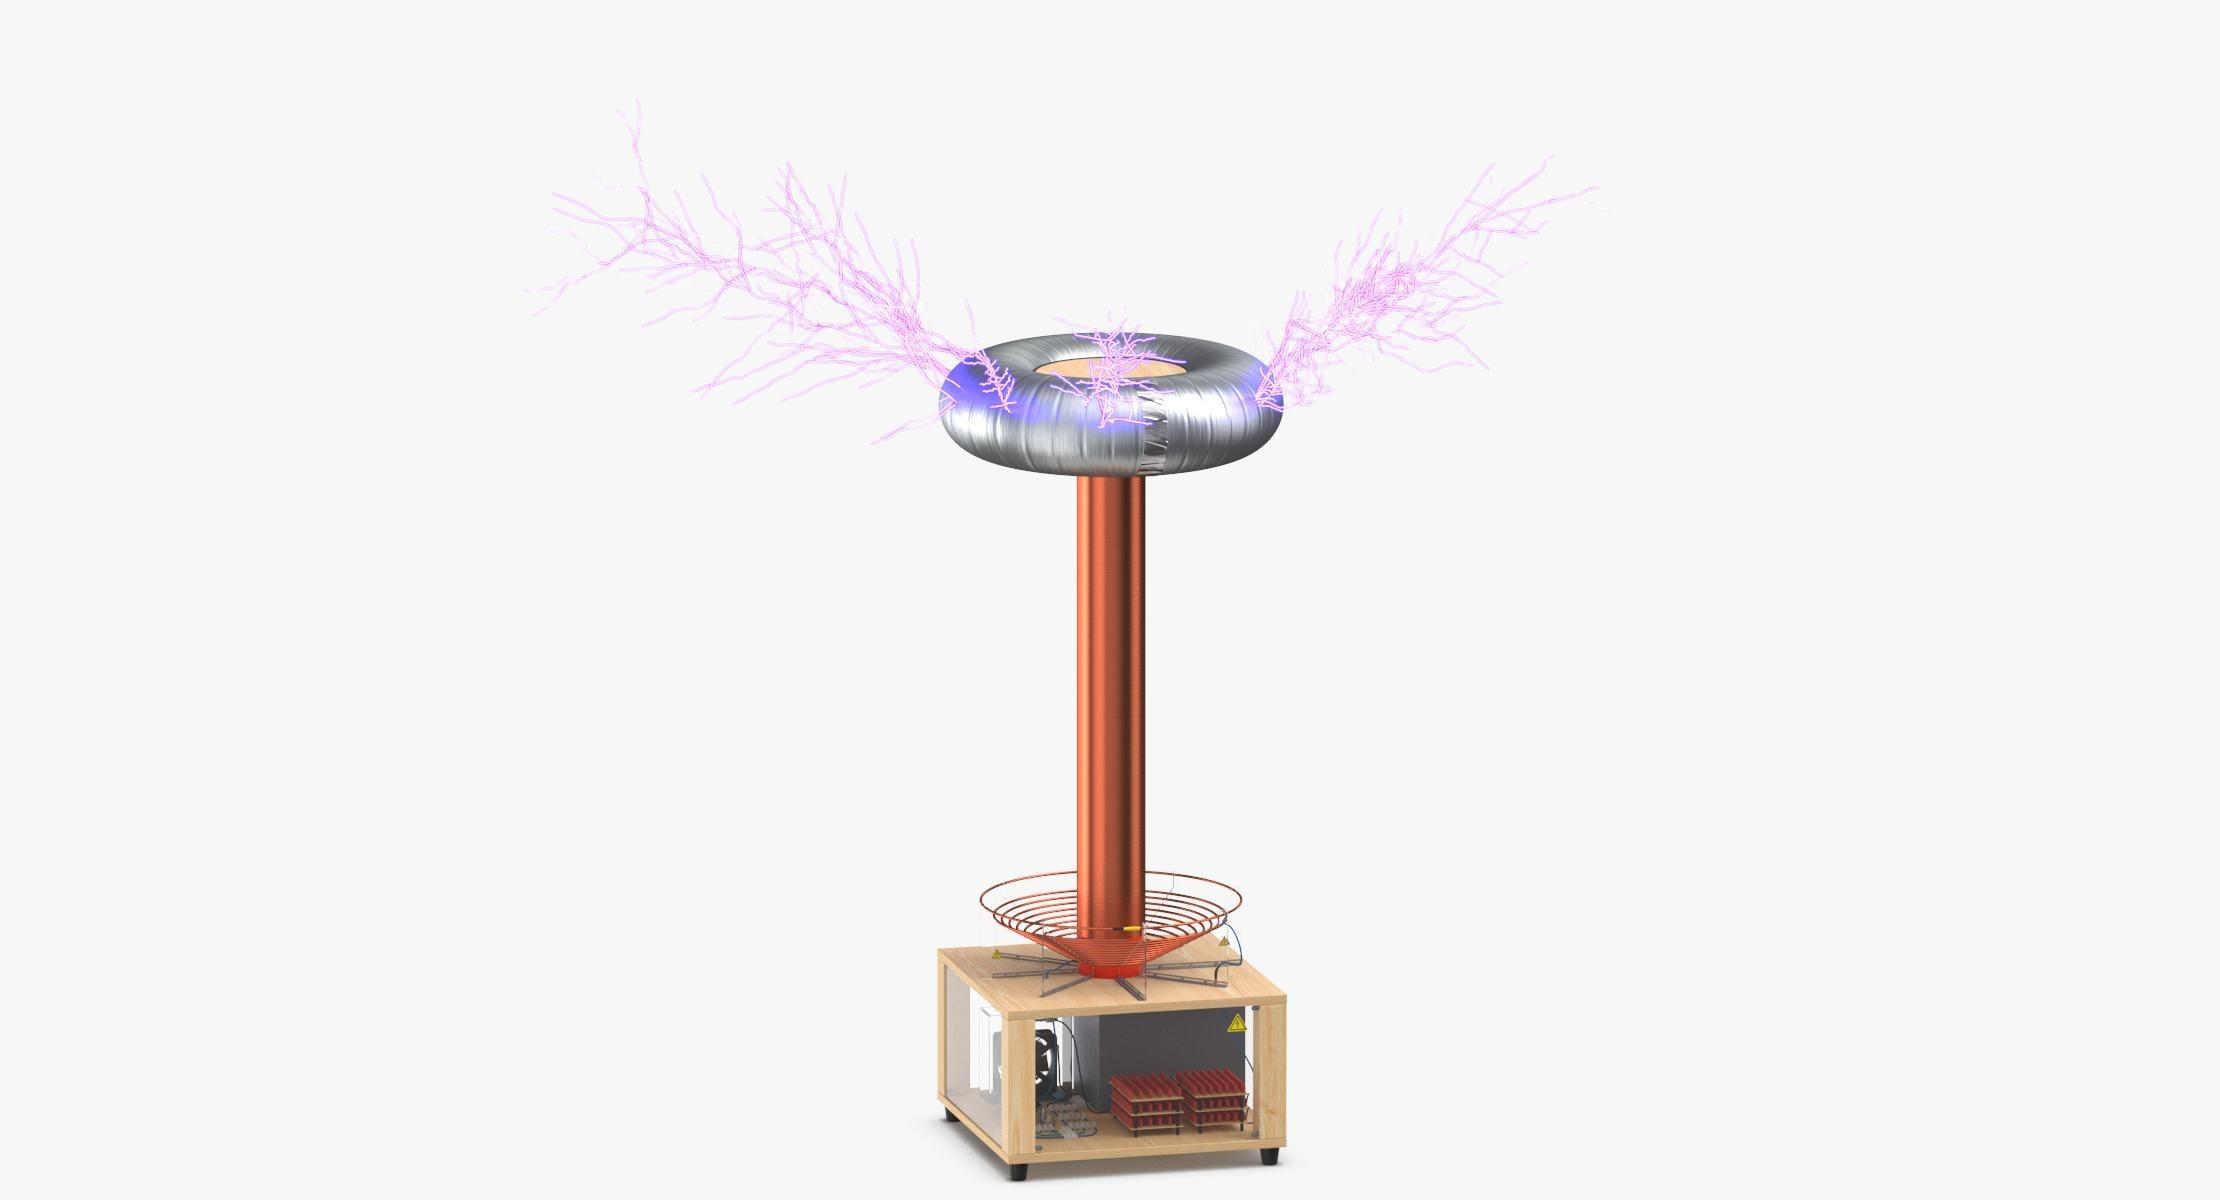 Tesla Coil 02 Lit - reel 1